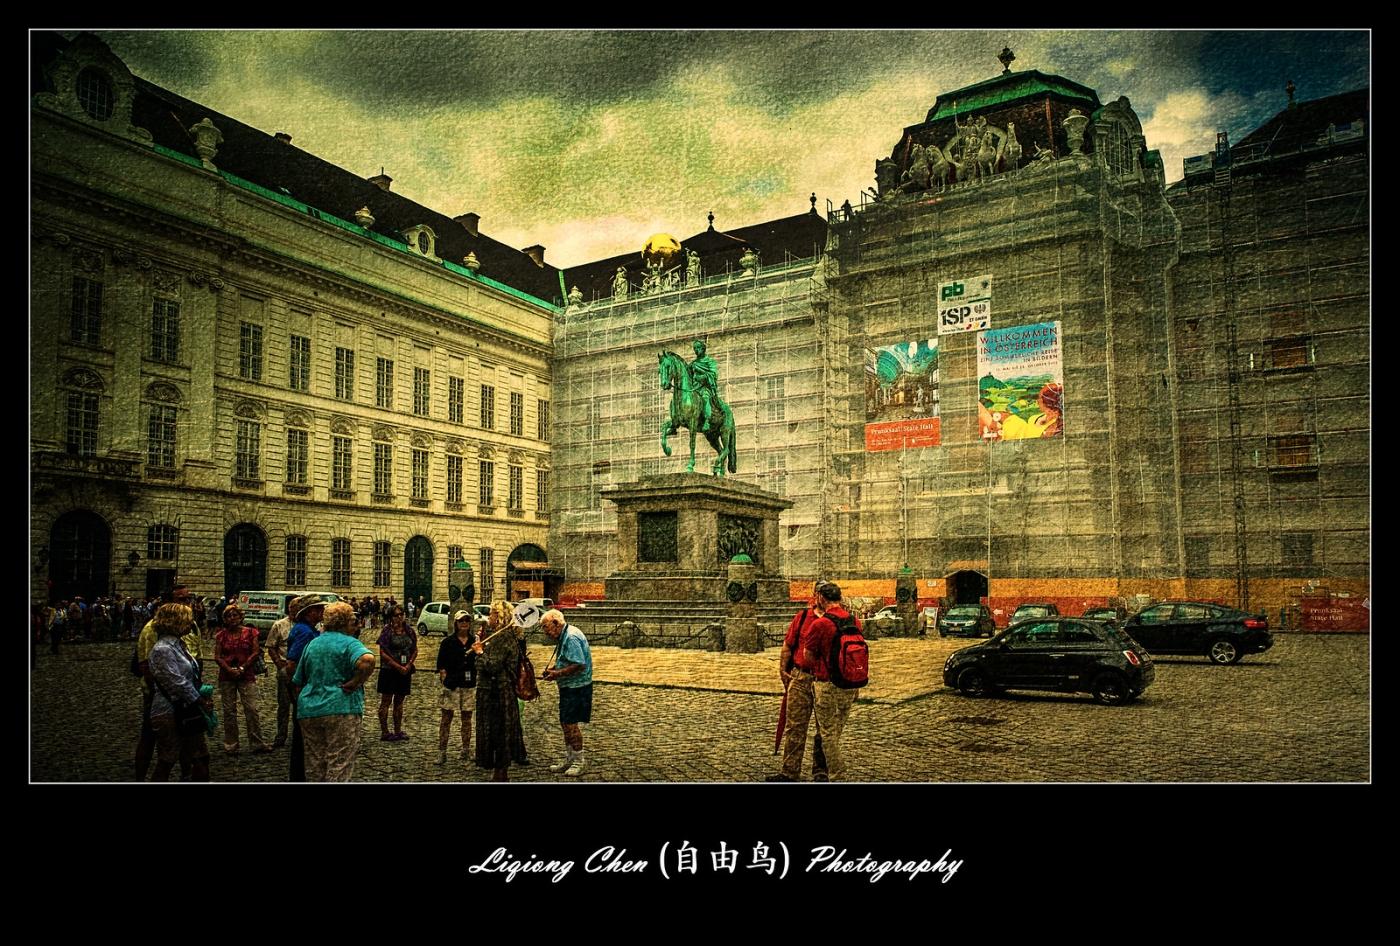 维也纳街上的建筑,充满着高大上_图1-9